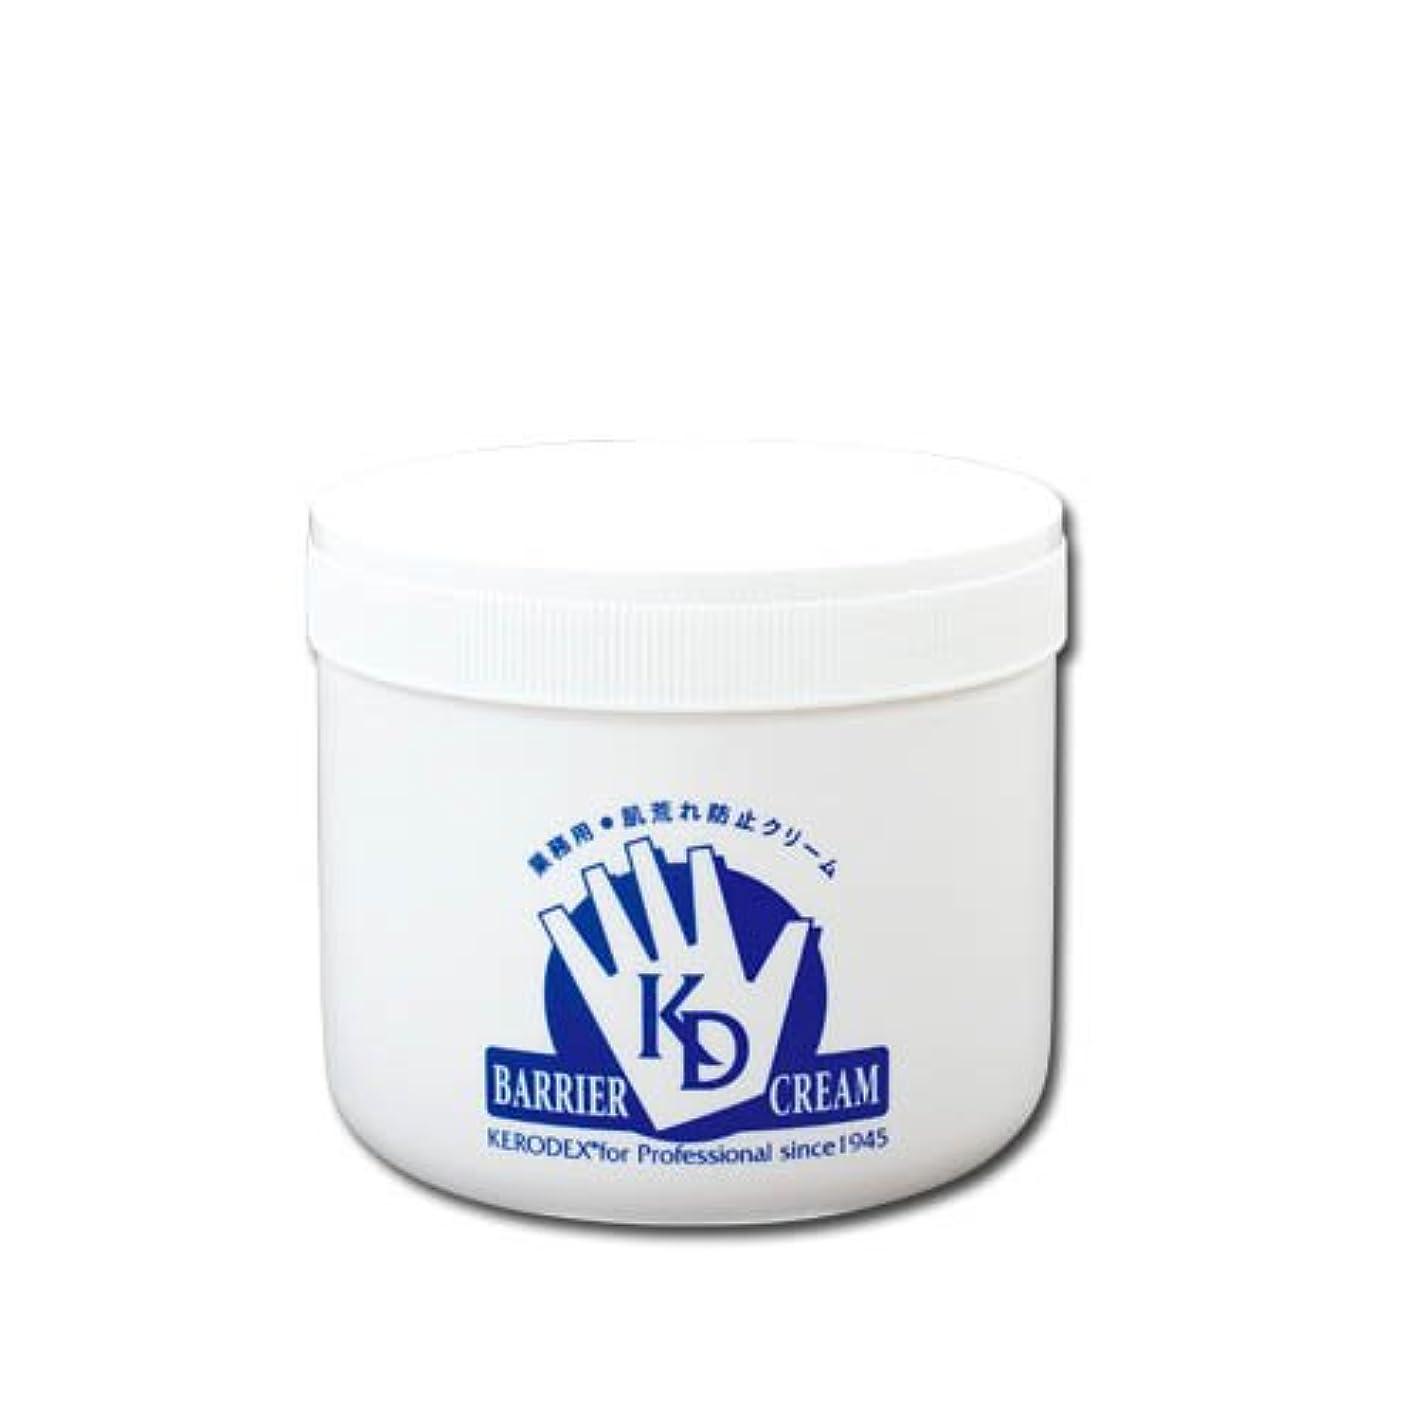 渇きタンパク質の配列ケロデックスクリーム ジャータイプ 500g